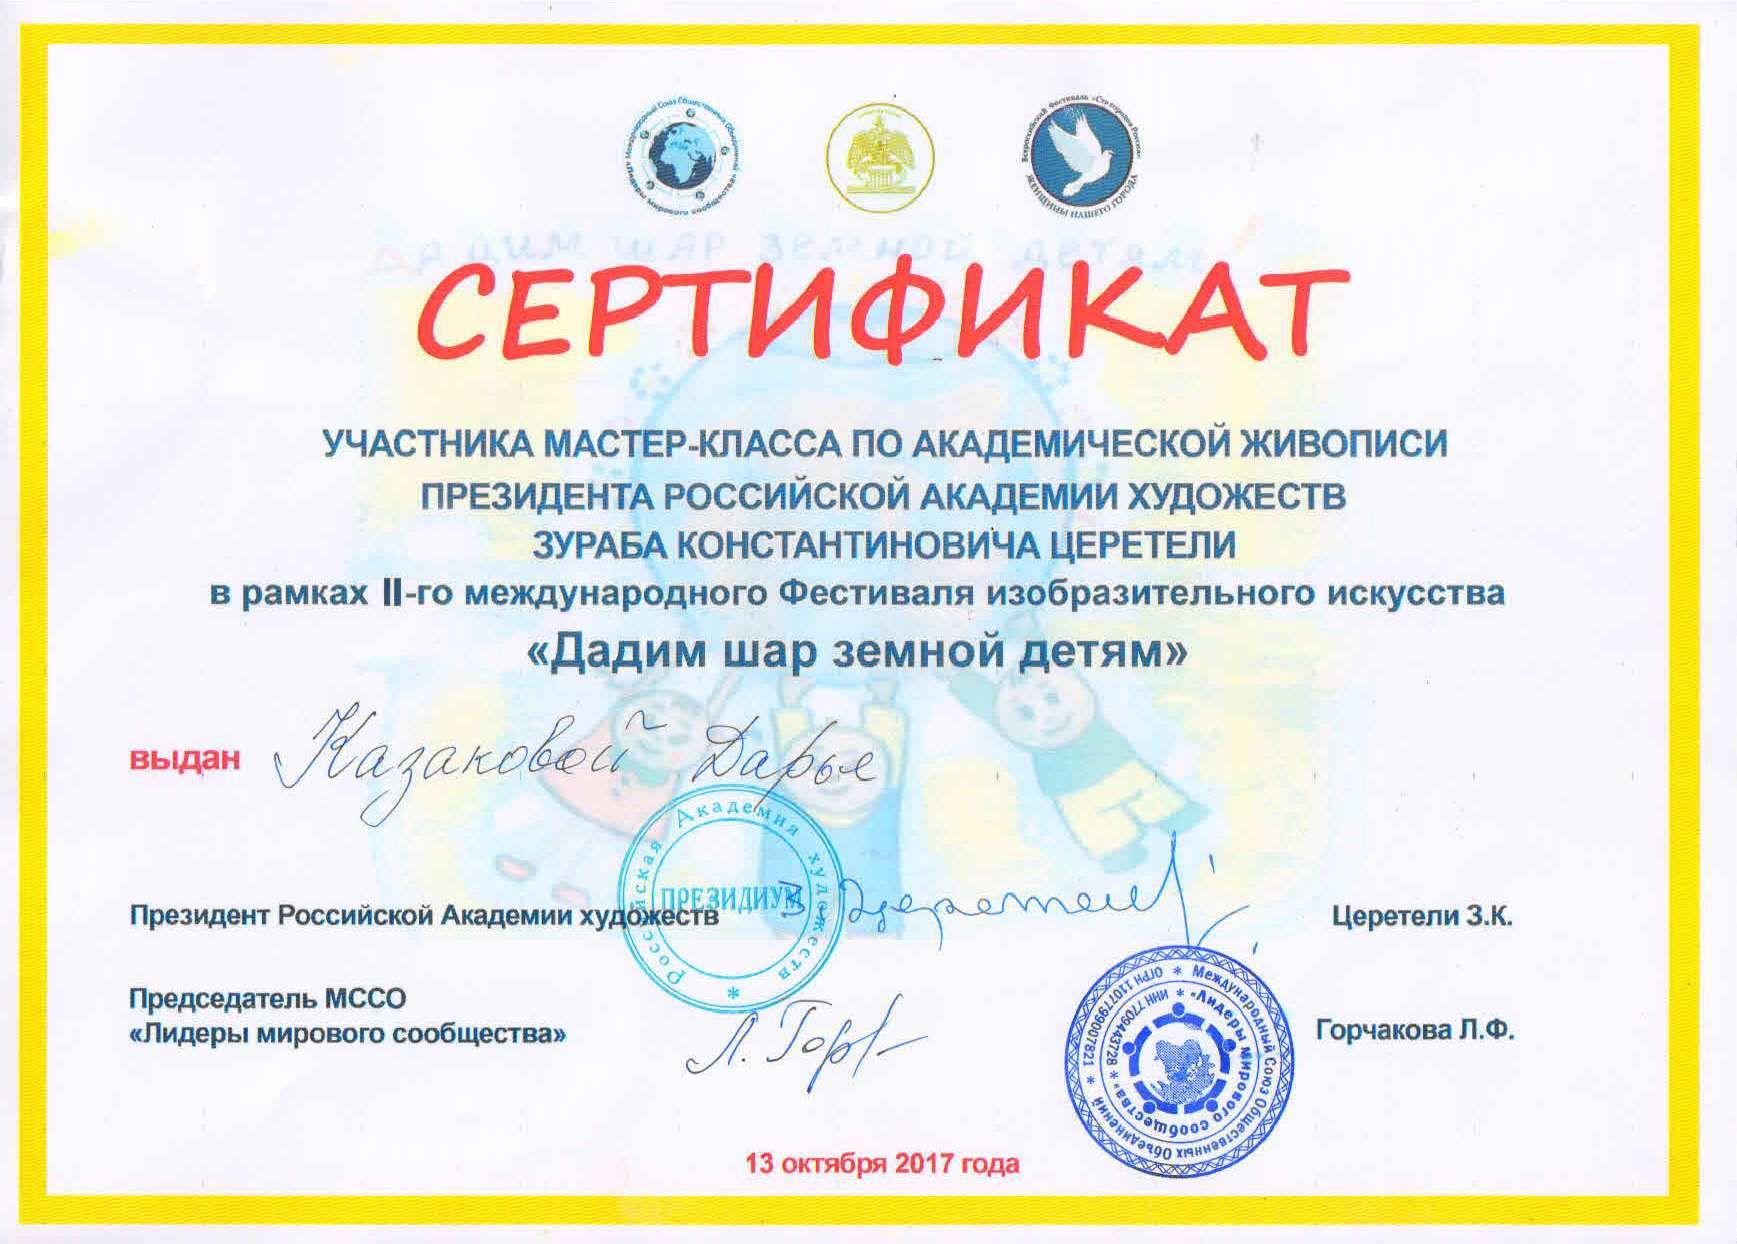 KazakovaD11